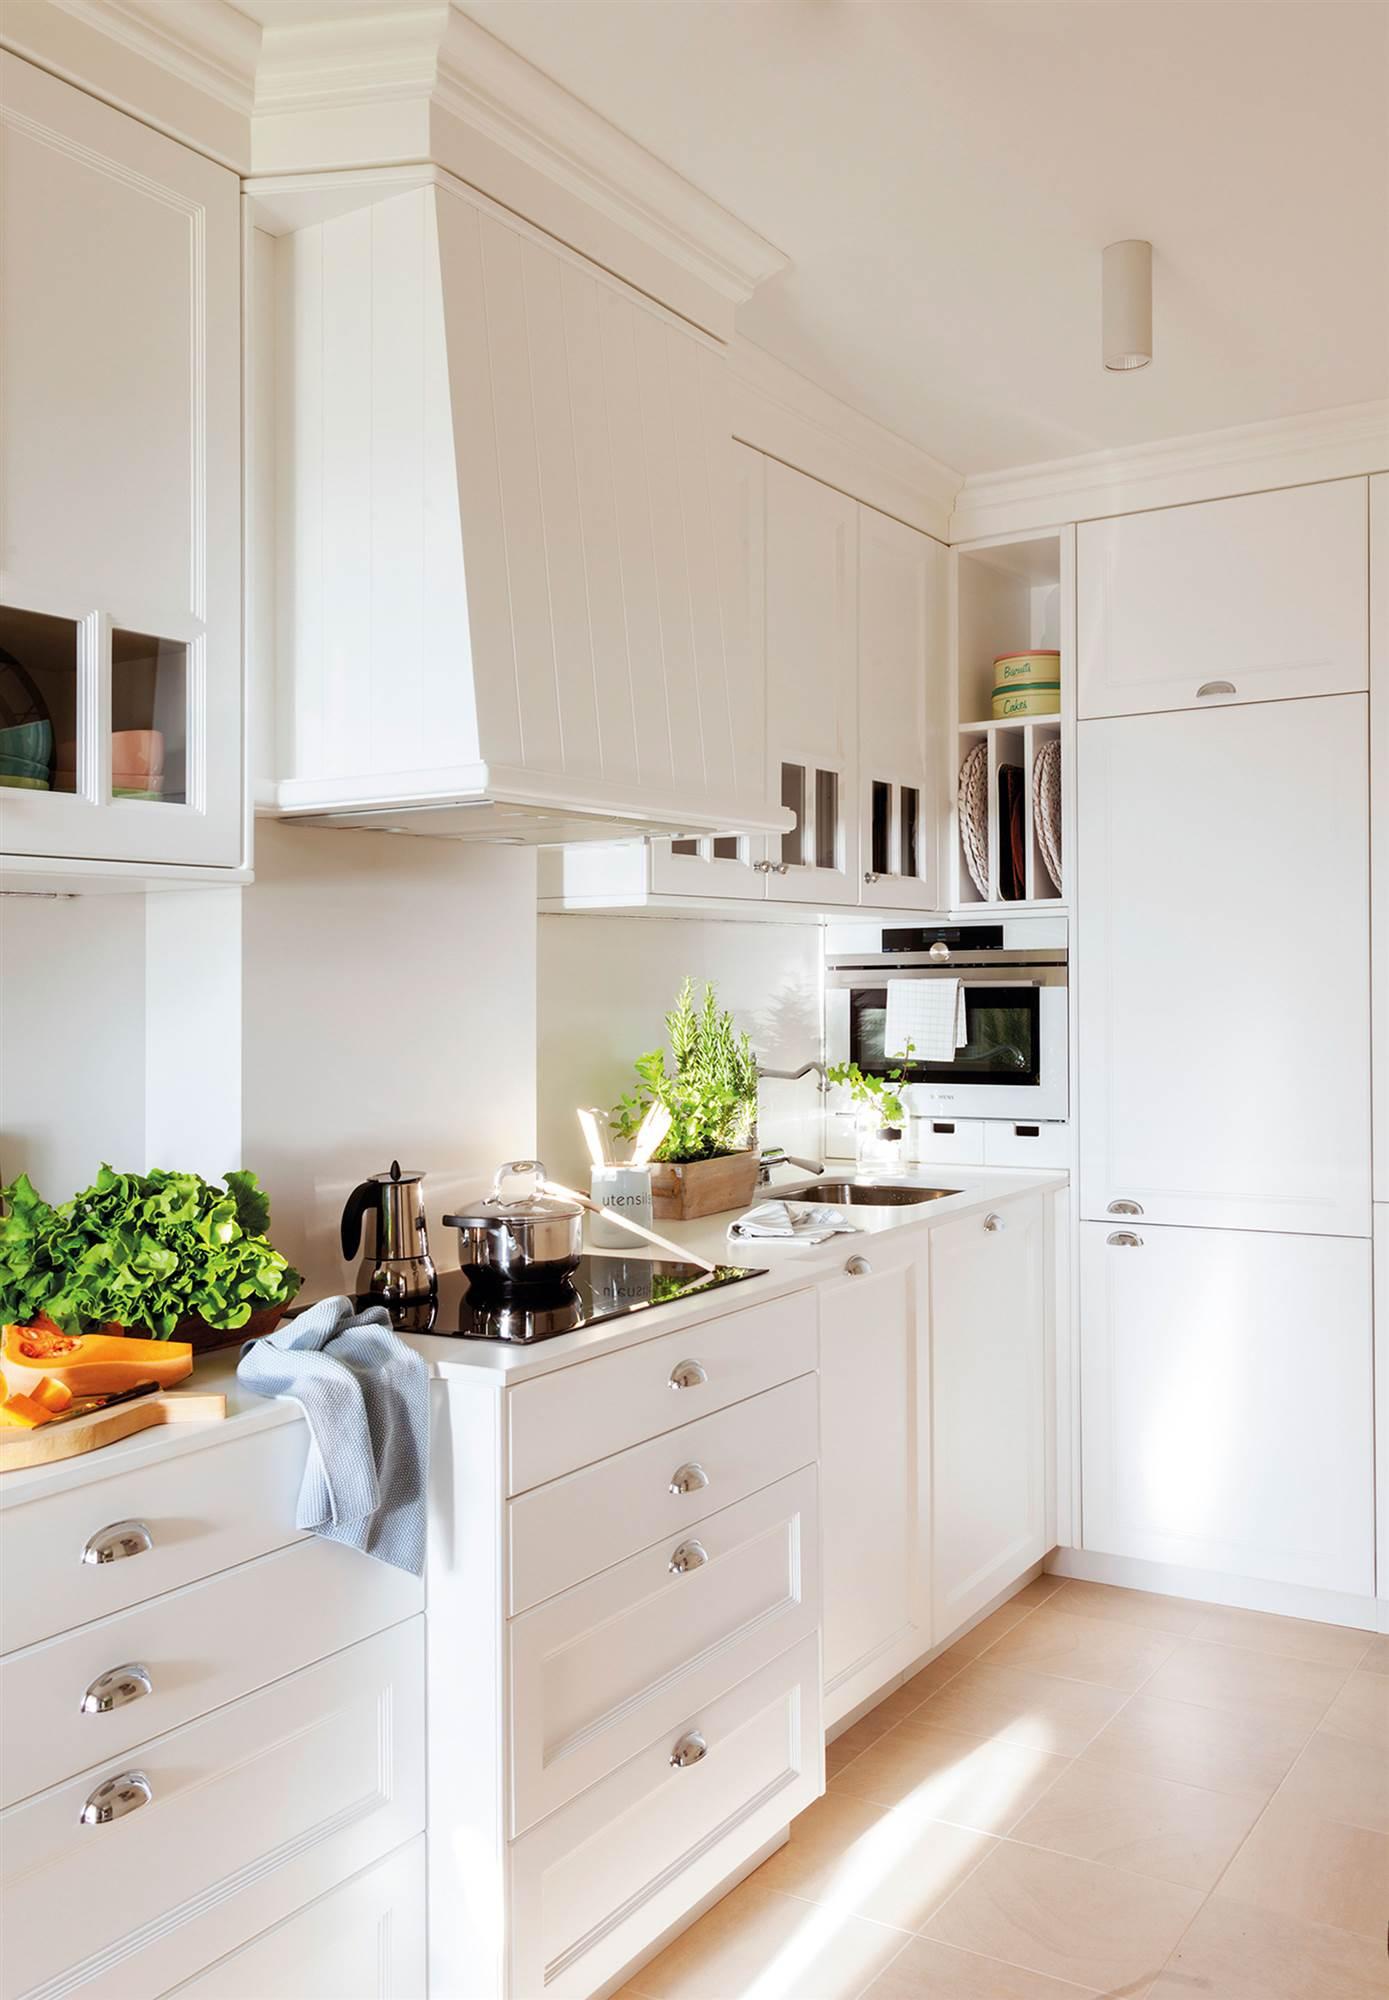 15 fotos de cocinas peque as bien aprovechadas - Decoracion de cocinas pequenas y alargadas ...